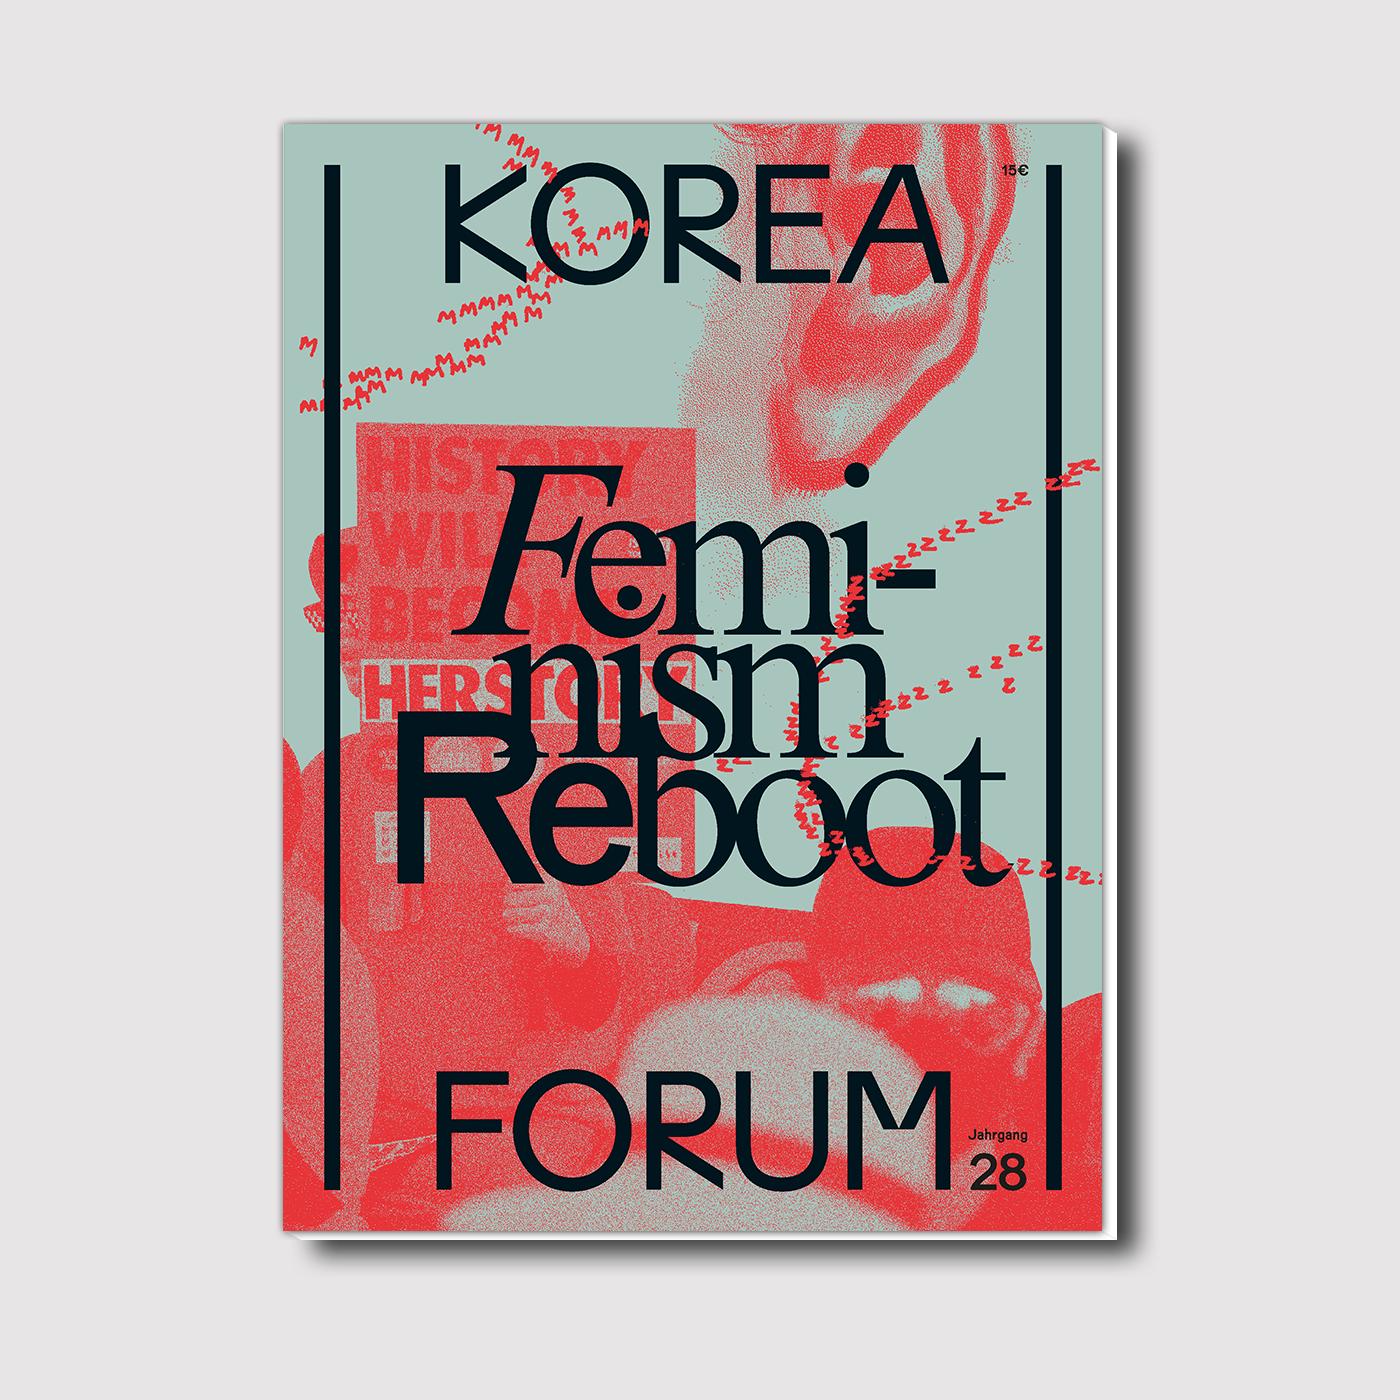 Korea Forum 28